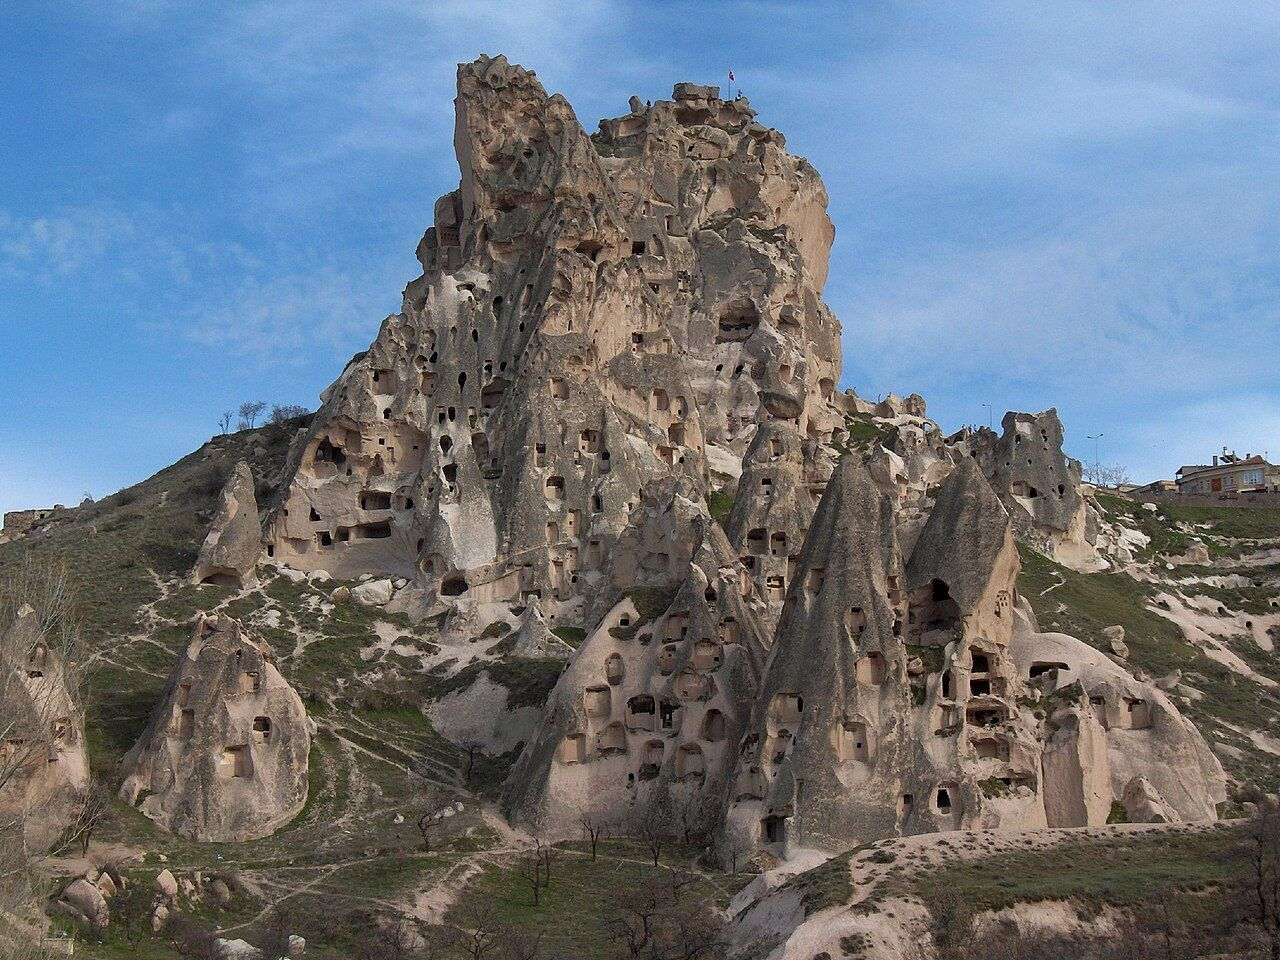 У Каппадокії обов'язково слід пройтися підземними печерами стародавнього міста Дерінкую